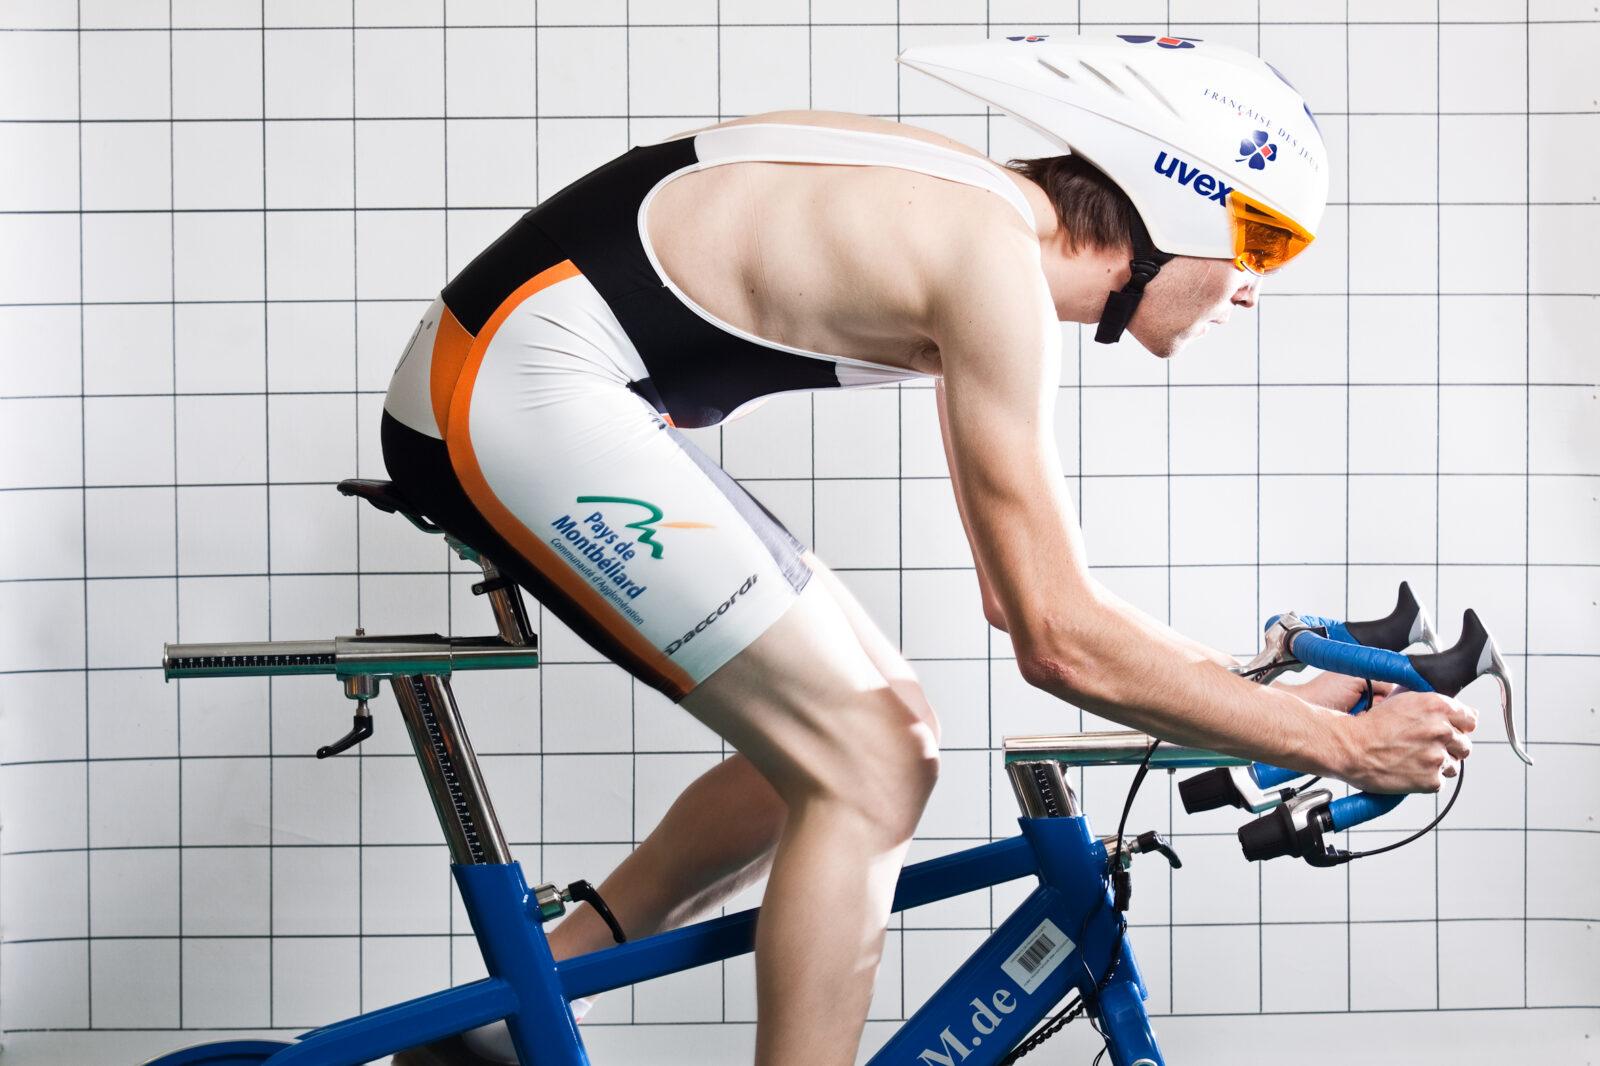 étude posturale cyclisme - recherche scientifique